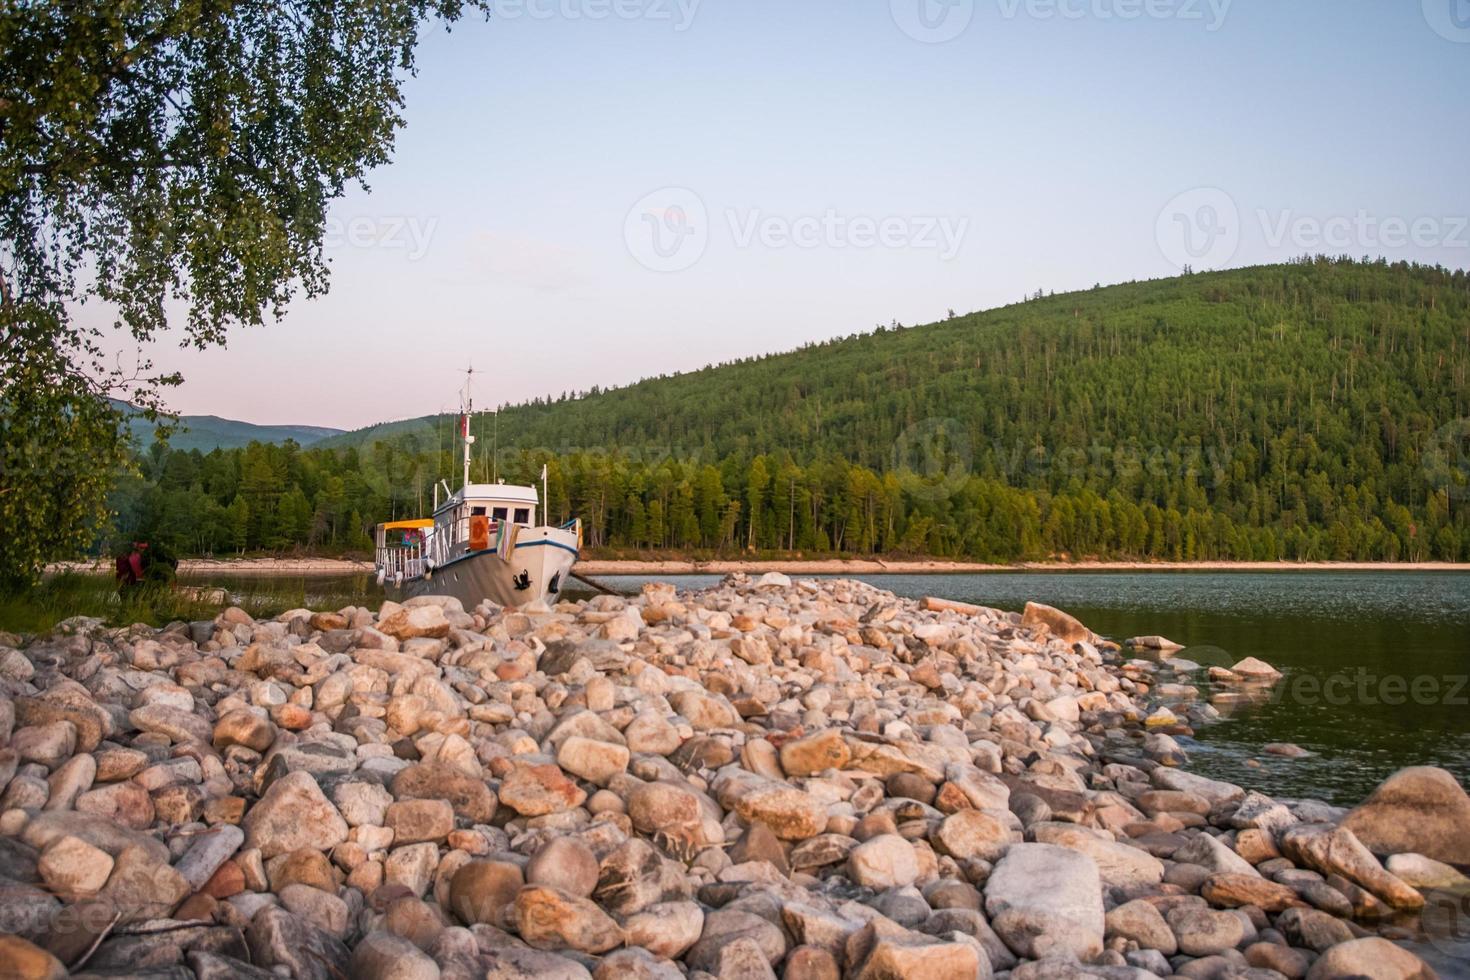 nave vicino alla riva, lago baikal, russia foto